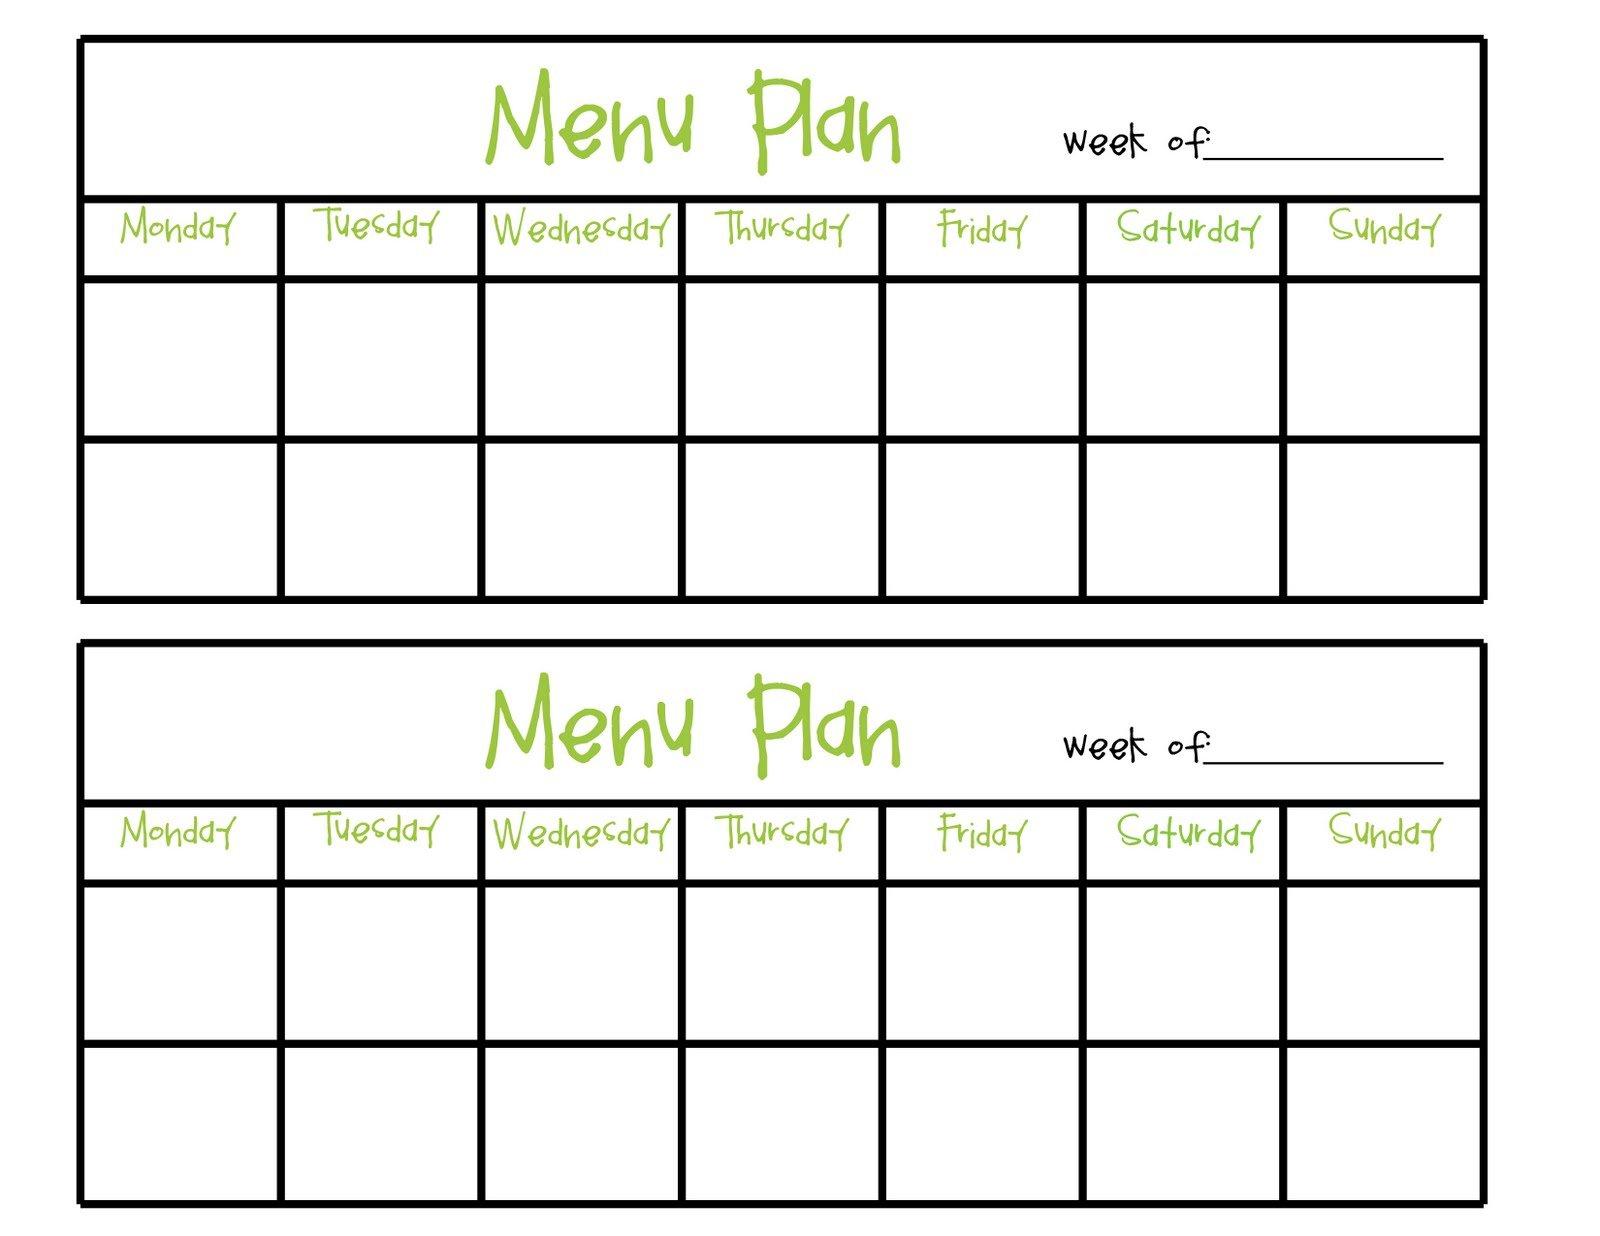 Simply Complicated: Menu Planning Two Week Food Calendar